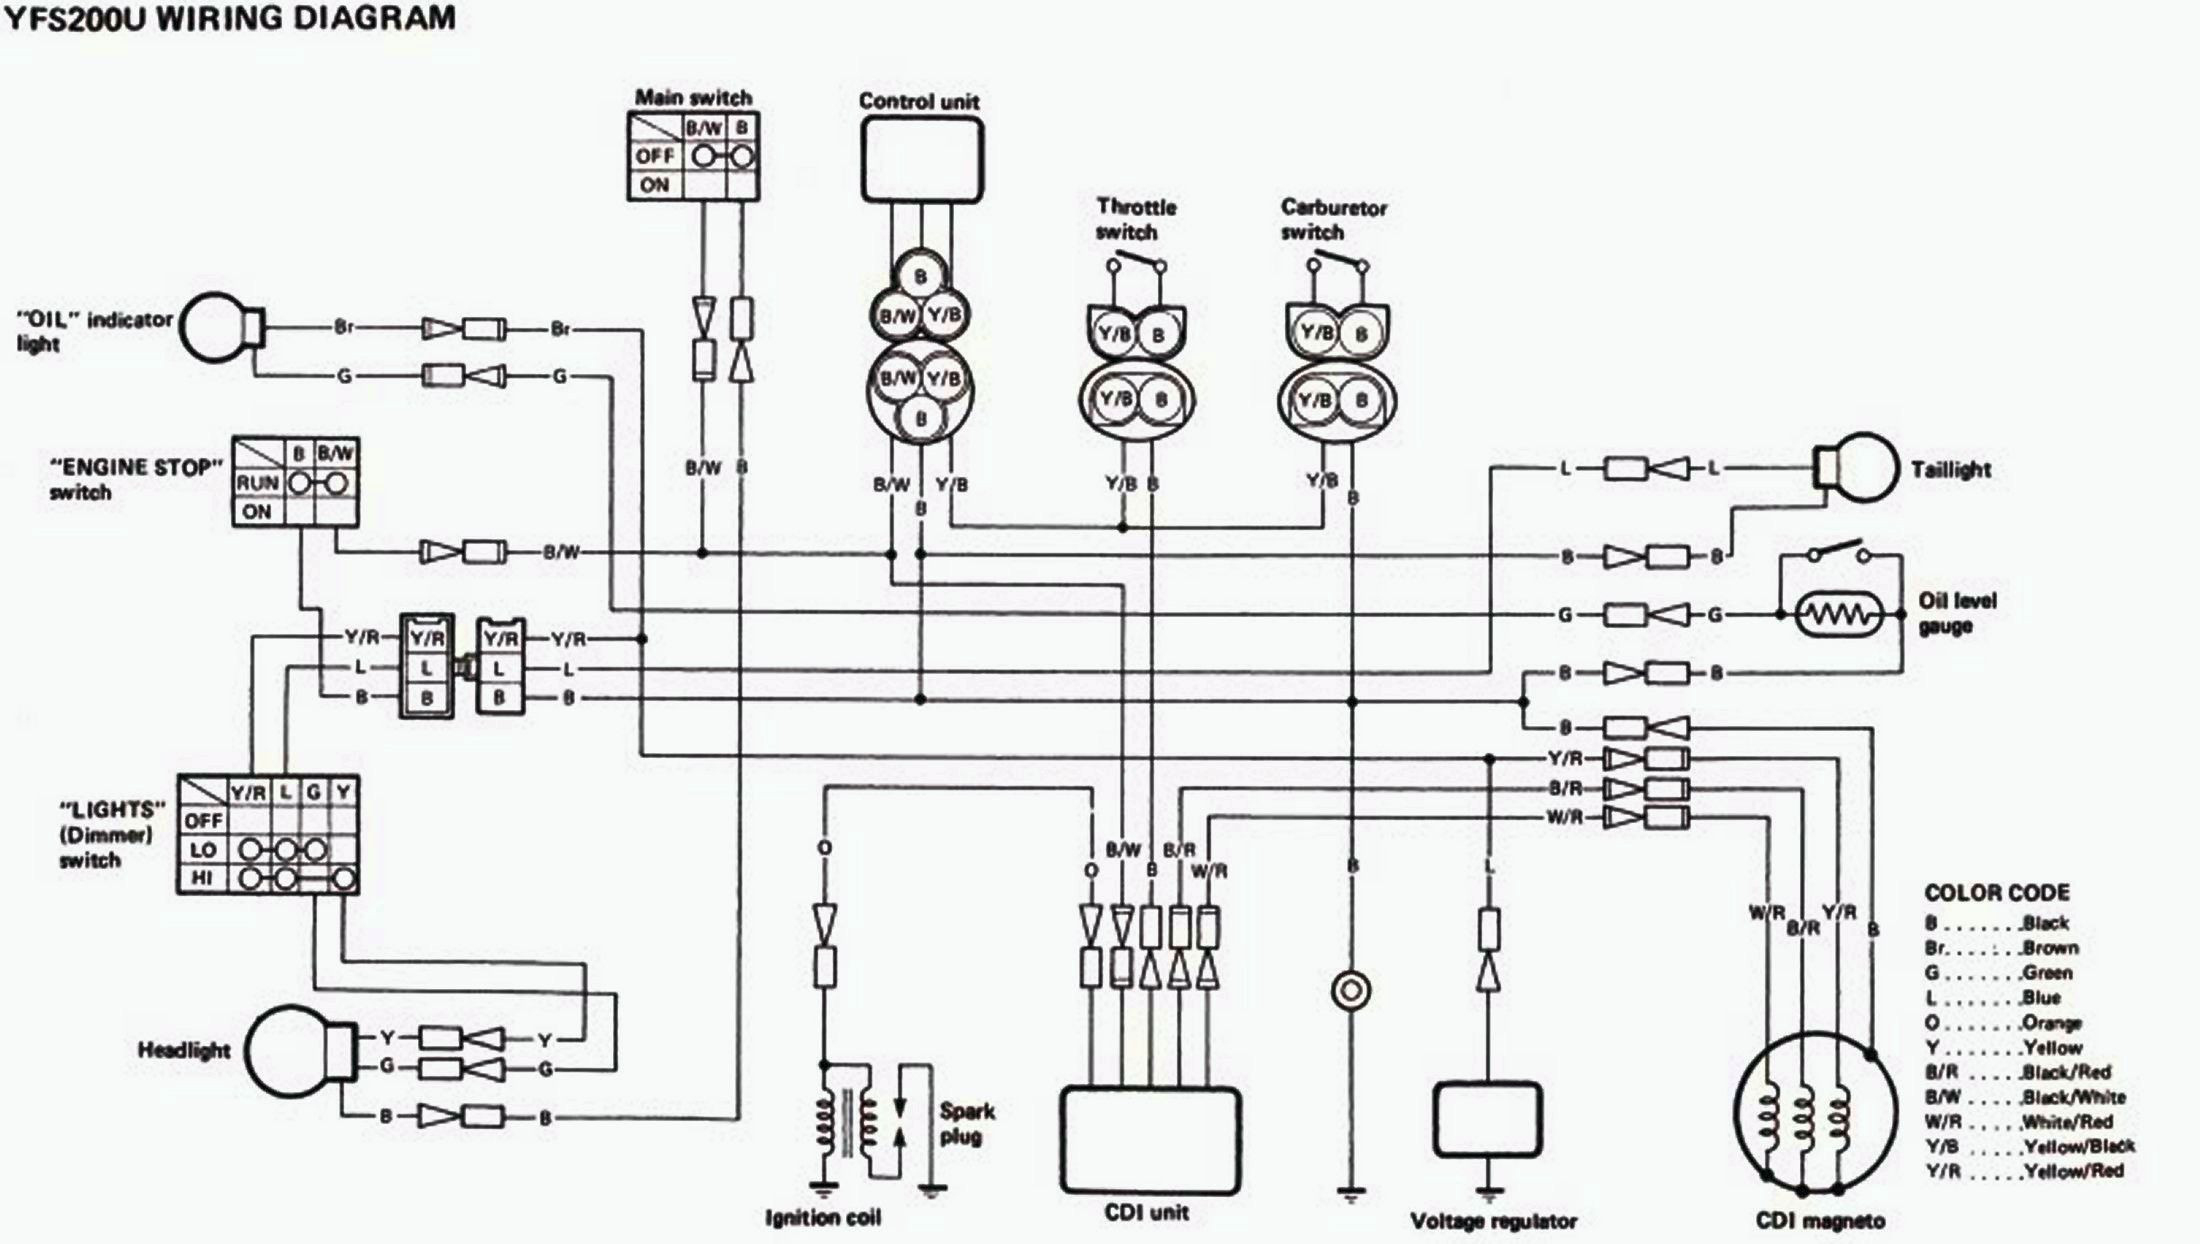 Yamaha Blaster Wiring Diagram Free Download Rate Wiring Diagram For - Yamaha Blaster Wiring Diagram